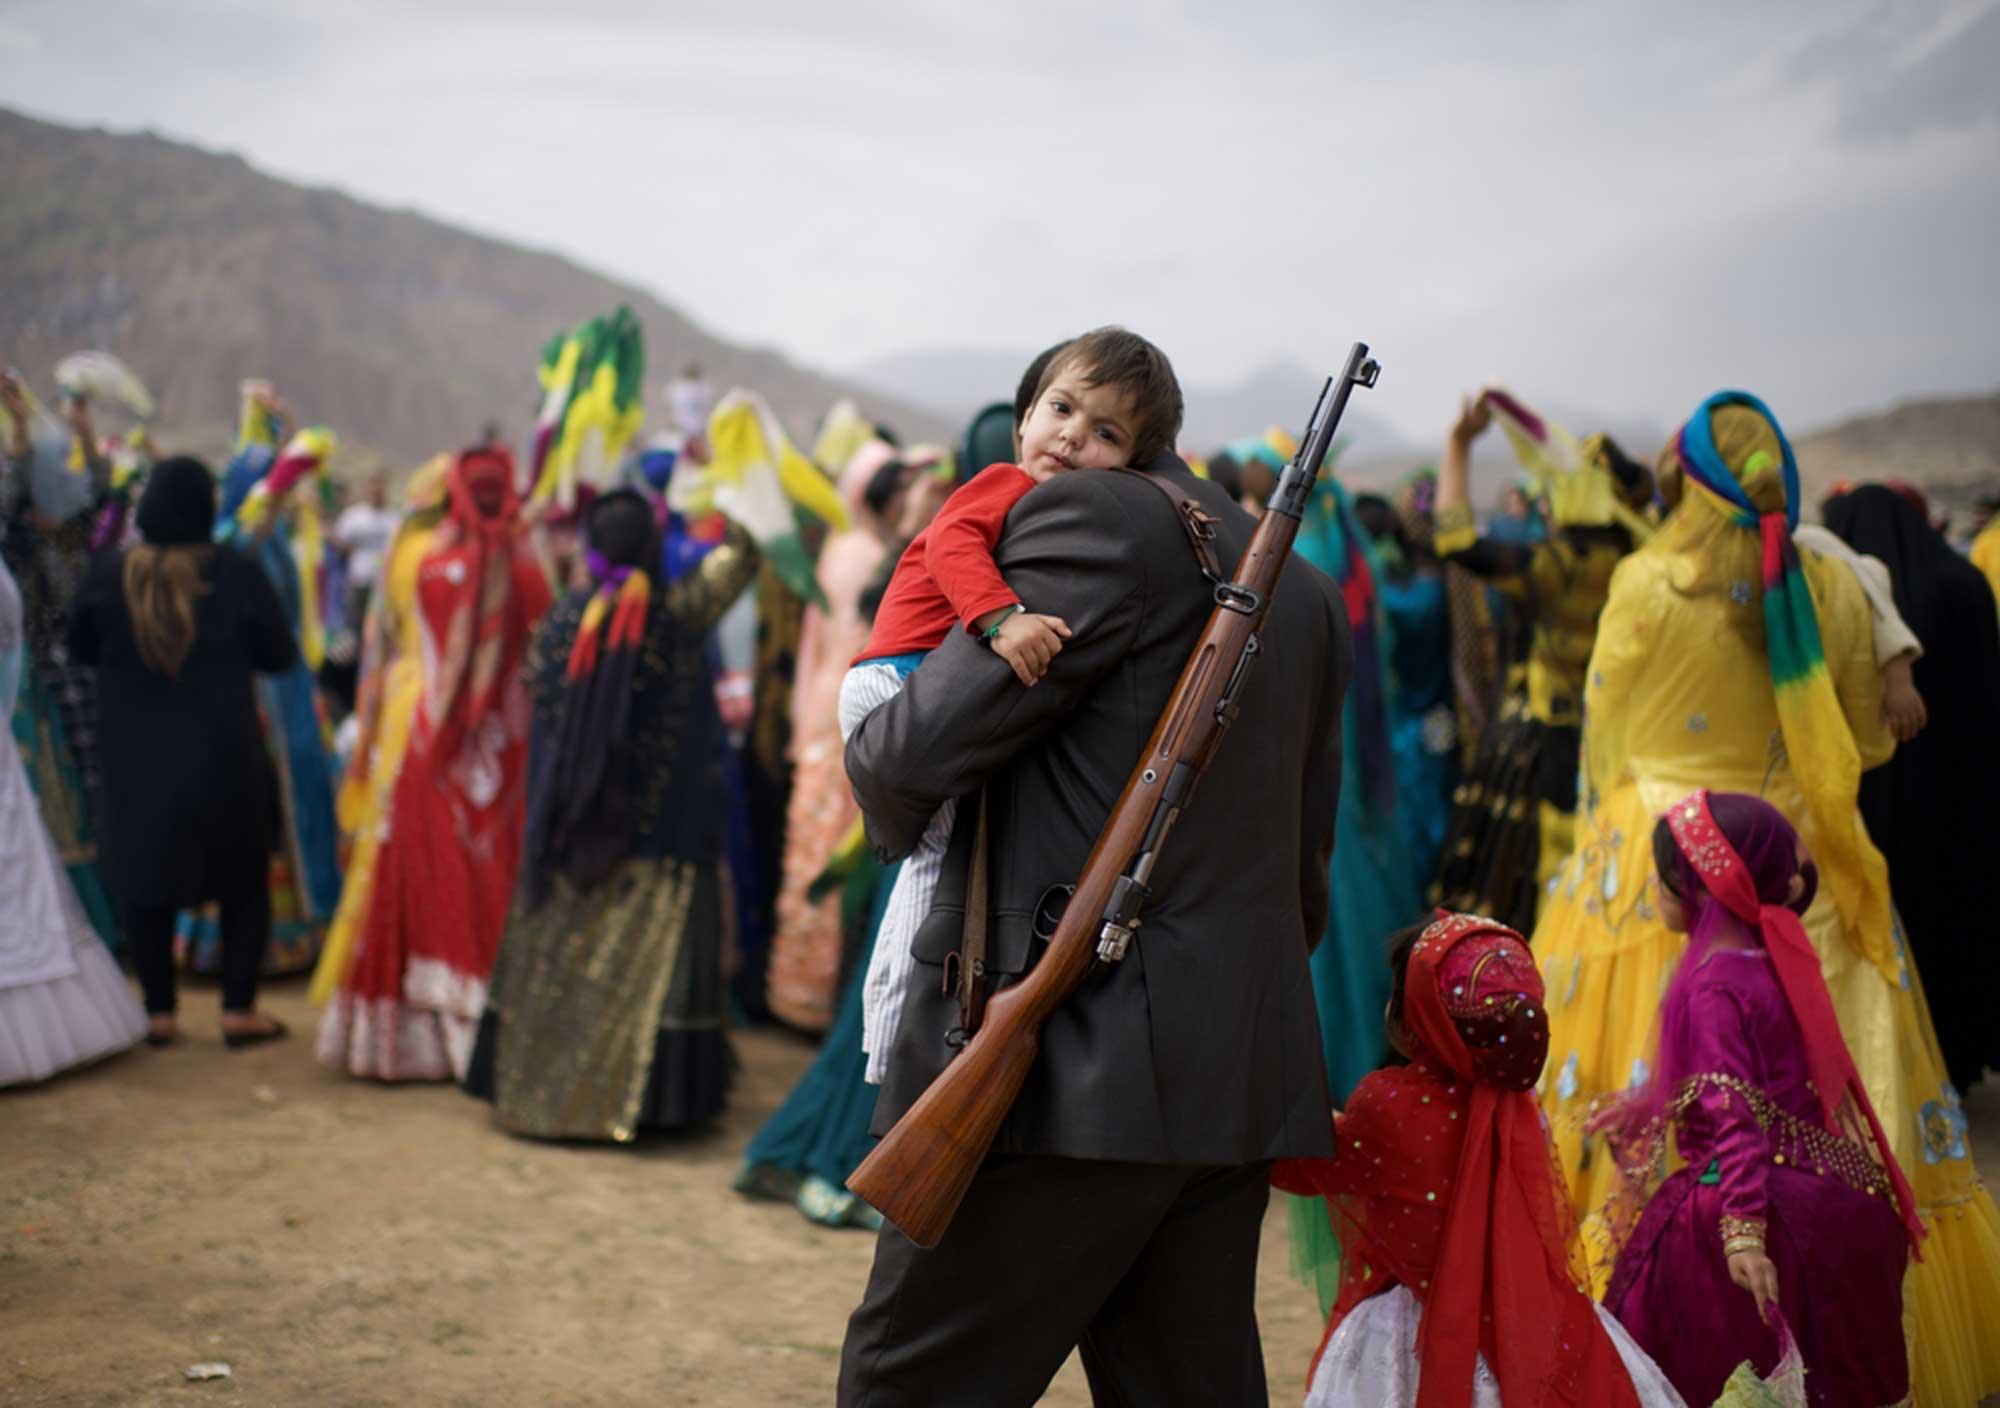 Fotografia documentaria in Iran di Cepoi Aurel